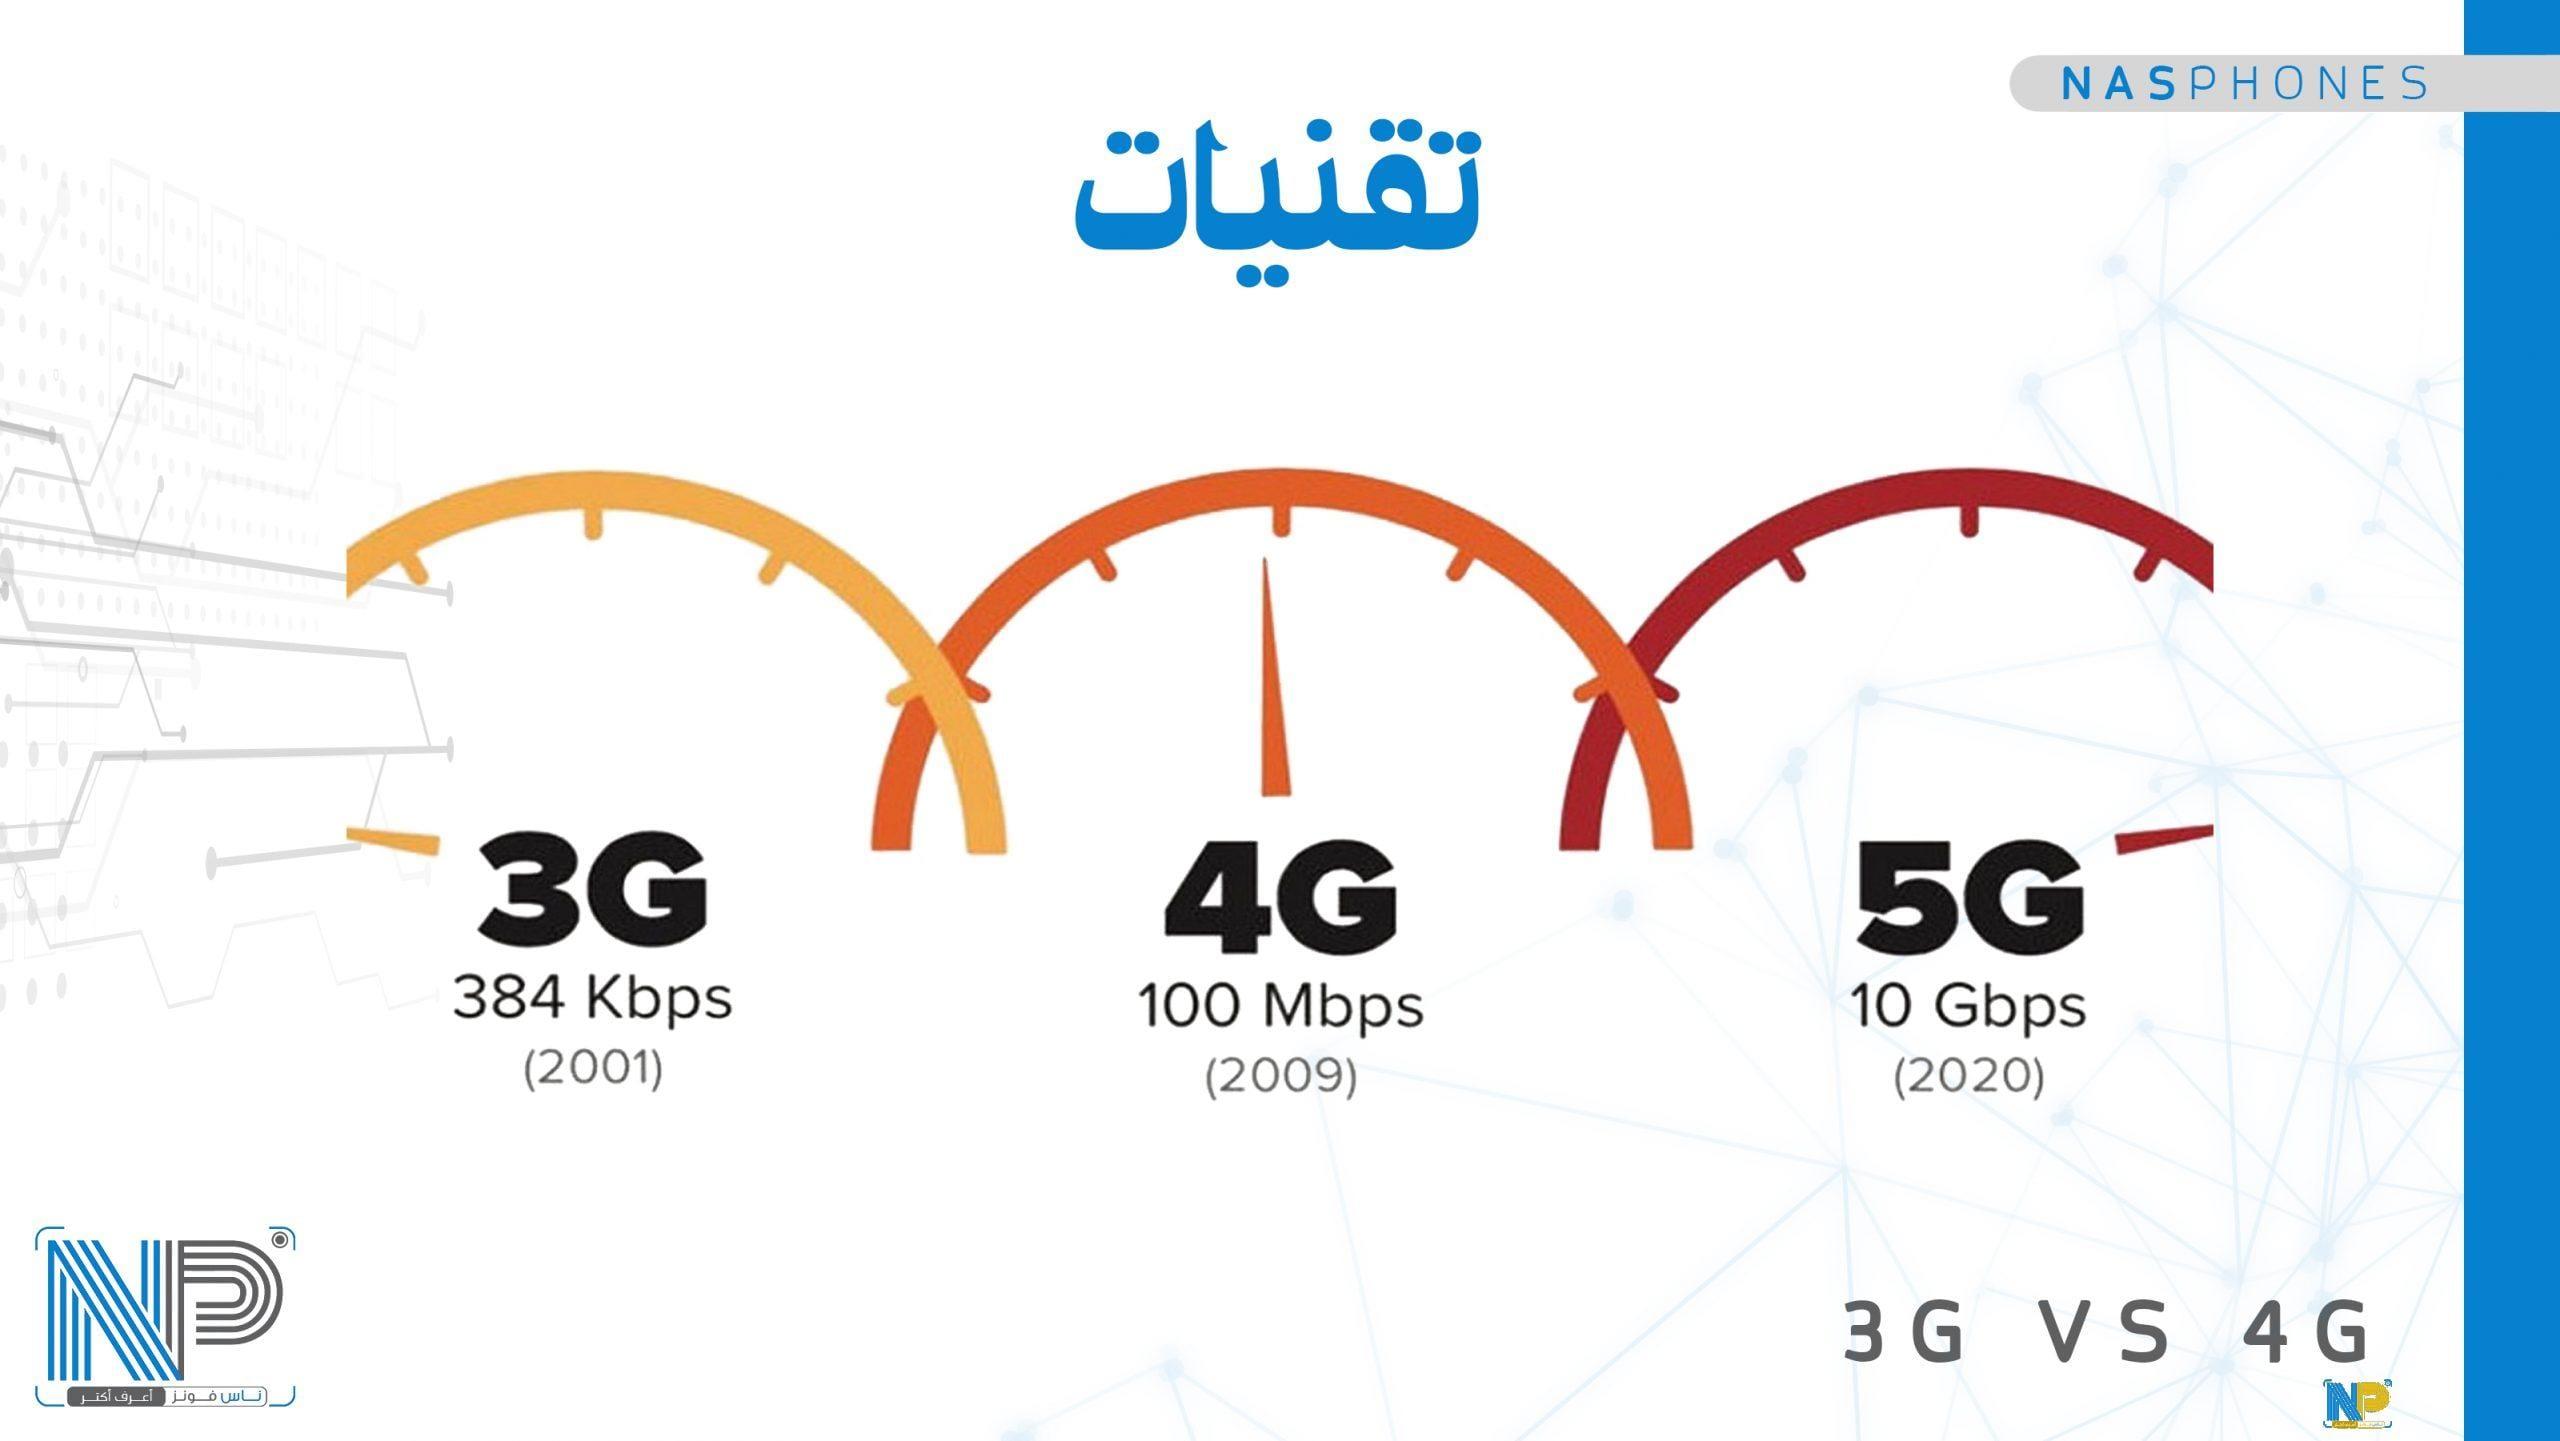 أبرز الفروق بين تقنية 4G و تقنية 3G